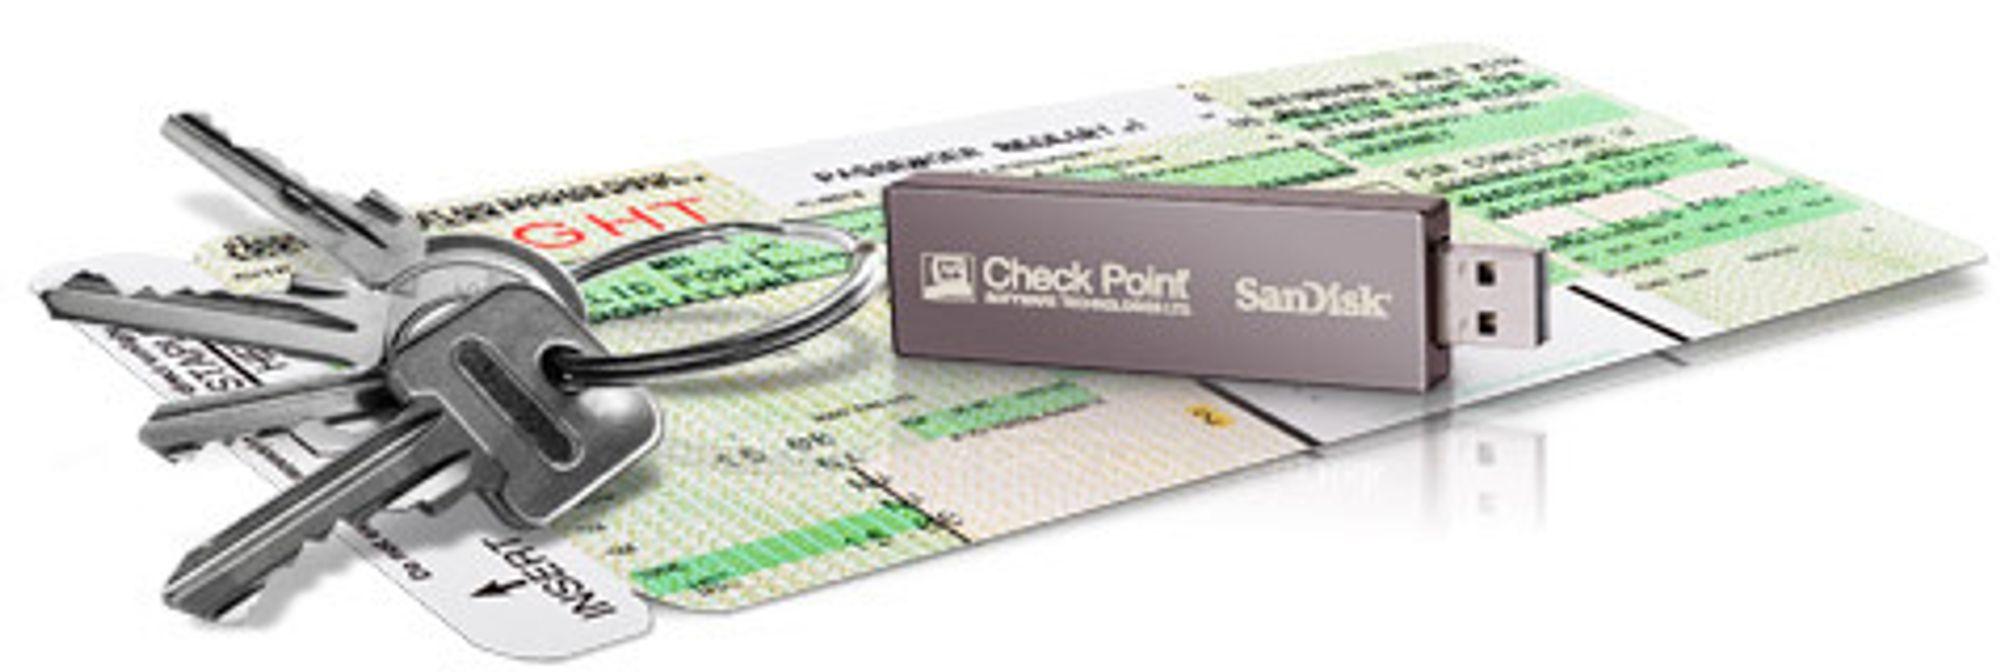 USB-pinnen Check Point Abra spiller sammen med sentrale løsninger for å sikre brukeren et trygt arbeidsmiljø, uavhengig av hva slags pc pinnen stikkes inn i.